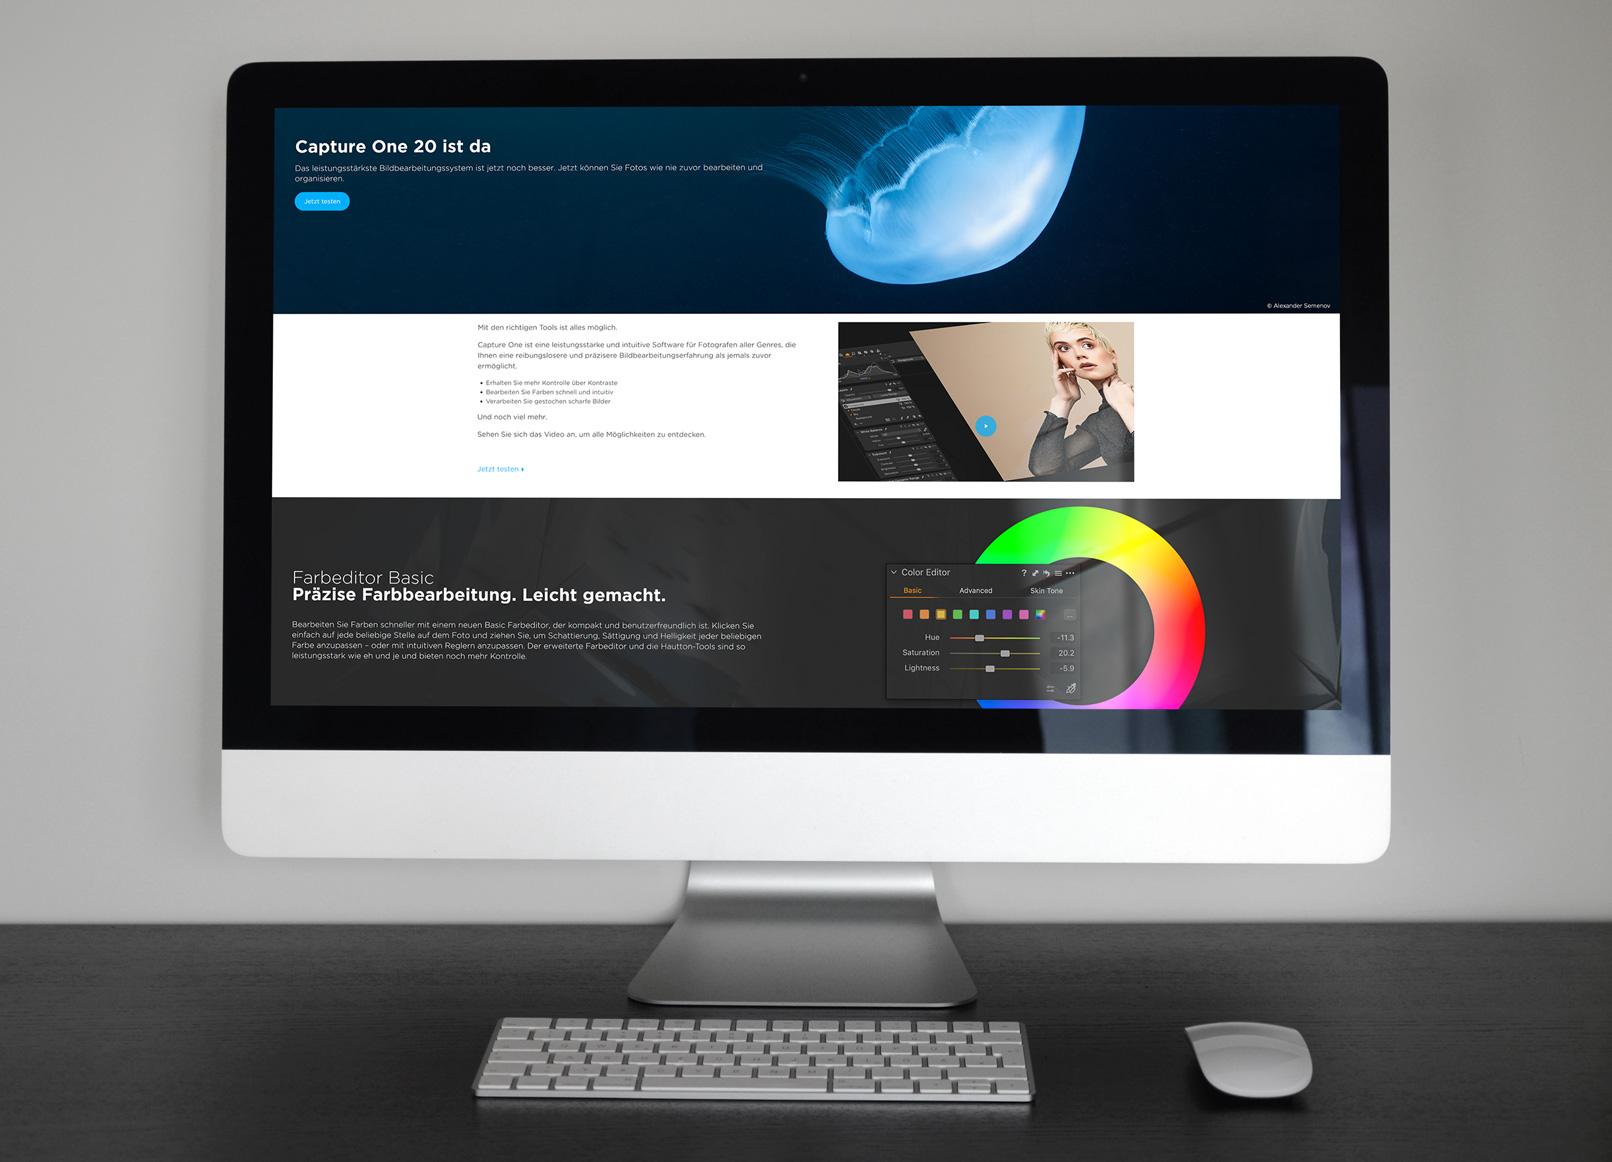 Bildschirm mit einem Screenshot von Capture One Pro